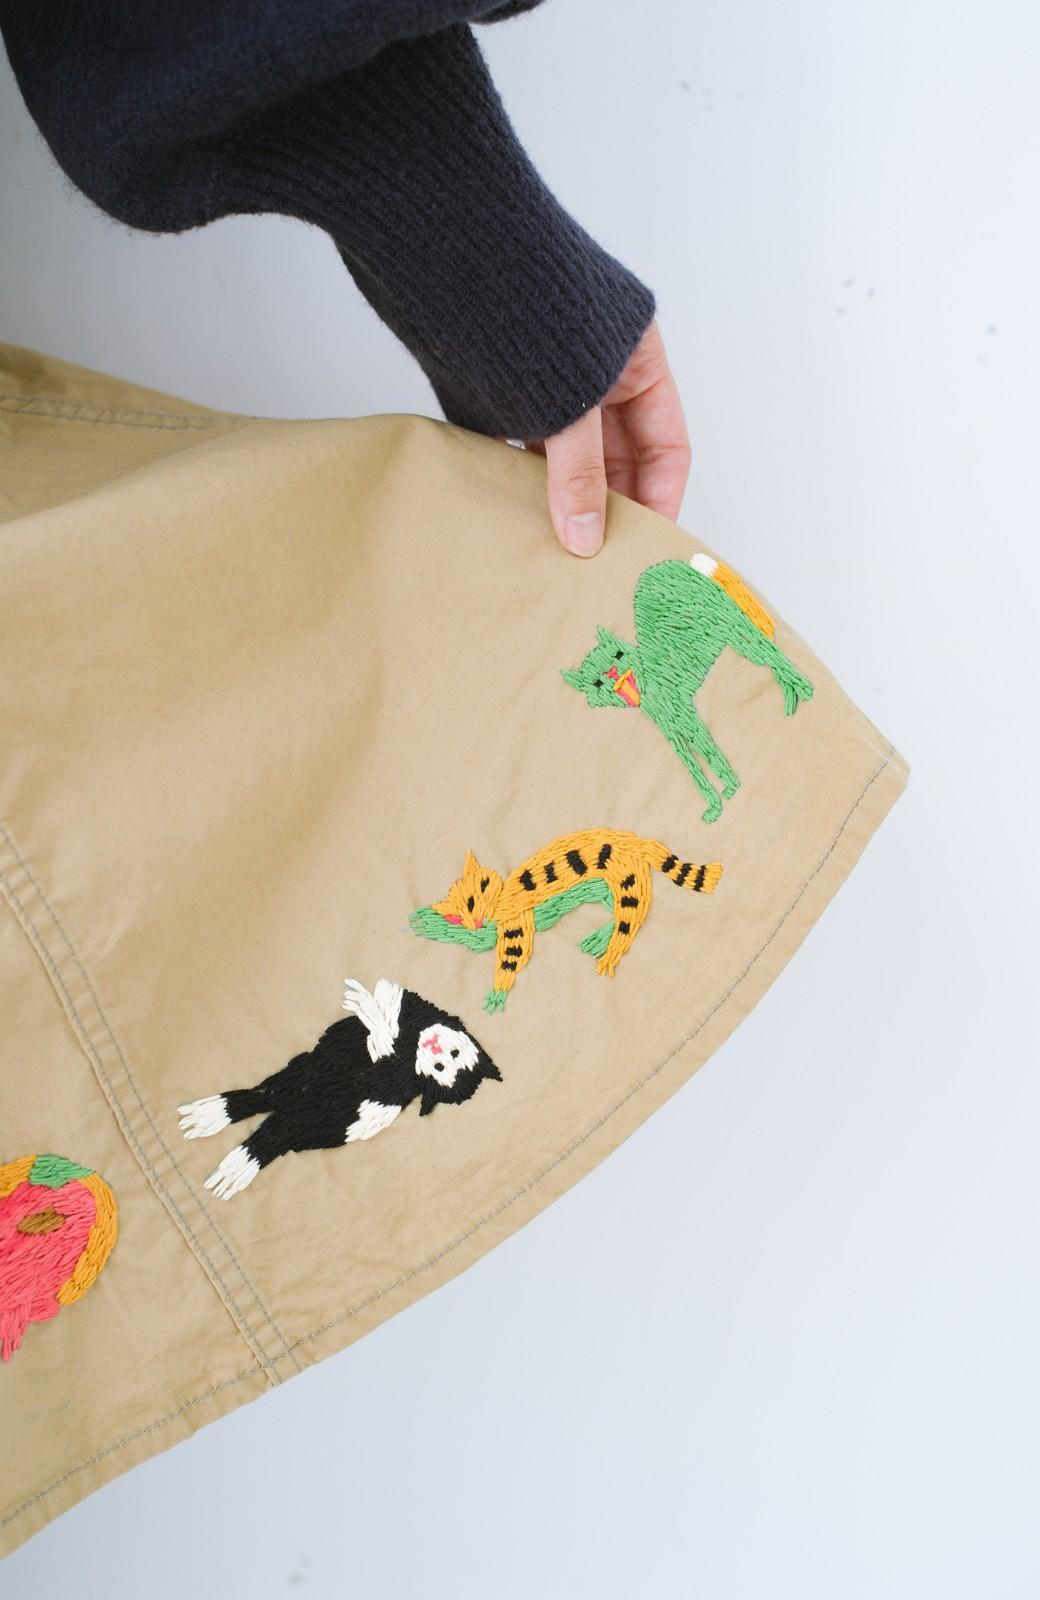 haco! Stitch by Stitch 子猫たちが楽しく戯れて。CANTON FOR PBP サーキュラースカート <ベージュ>の商品写真5